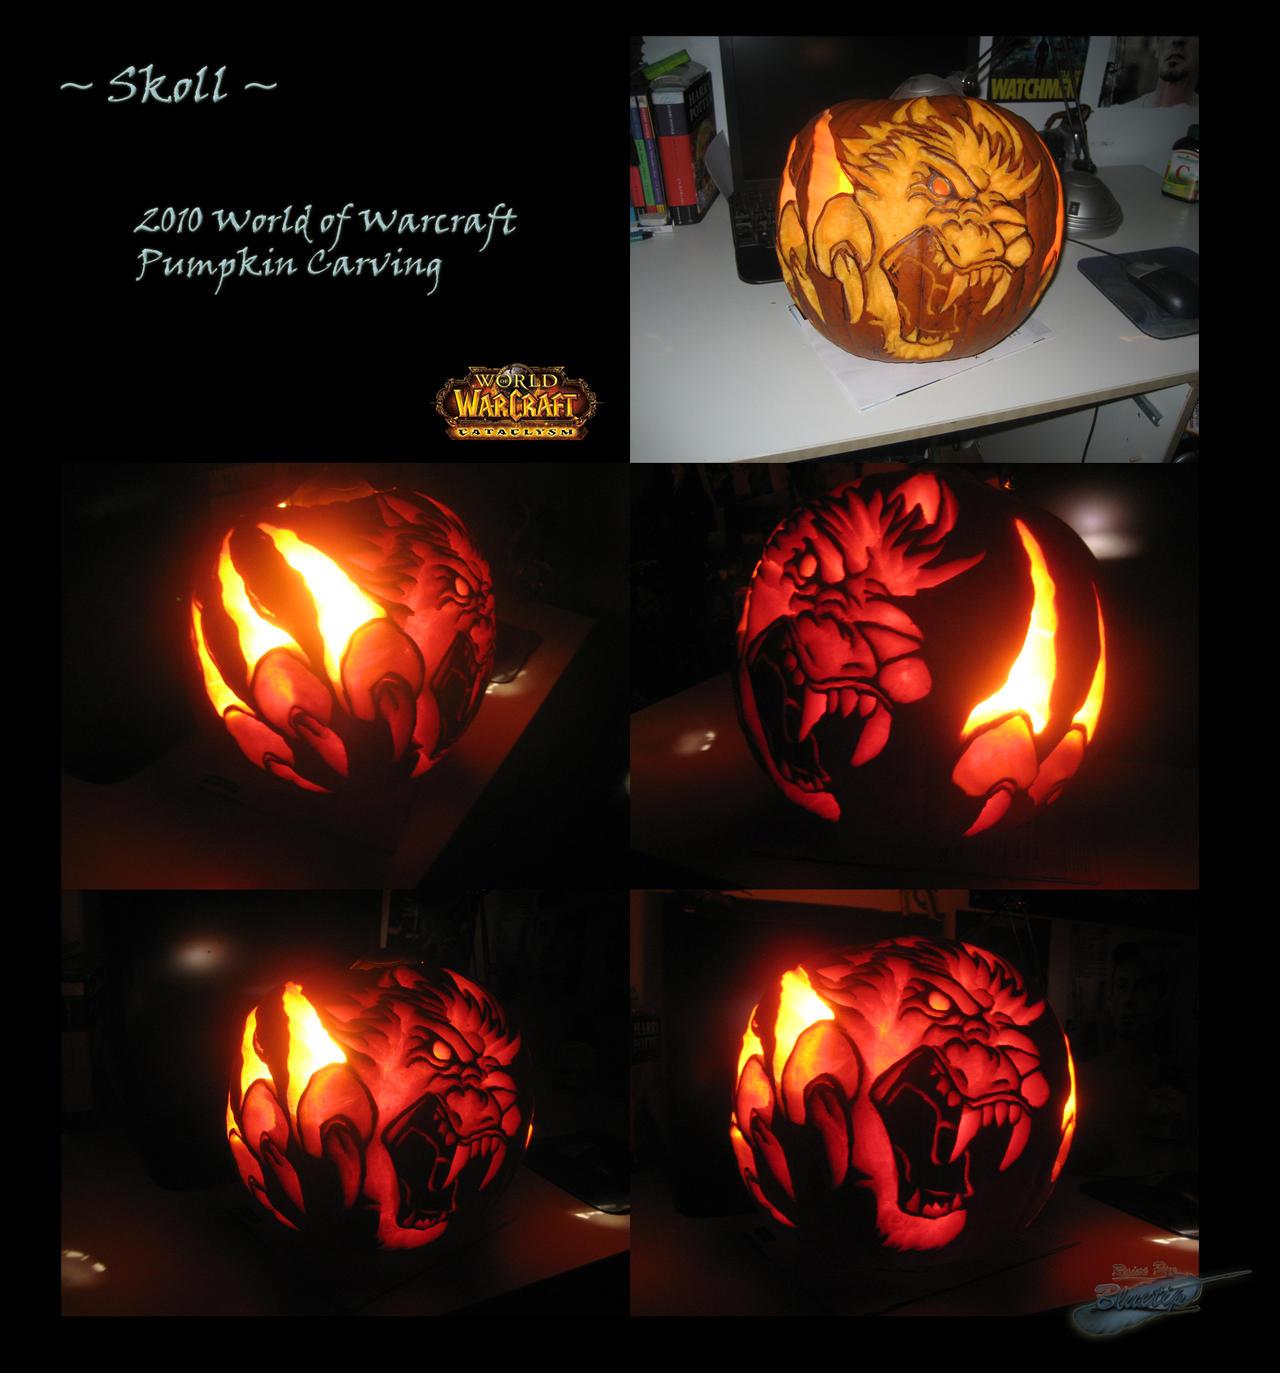 Dark Knight Pumpkin Carving Patterns